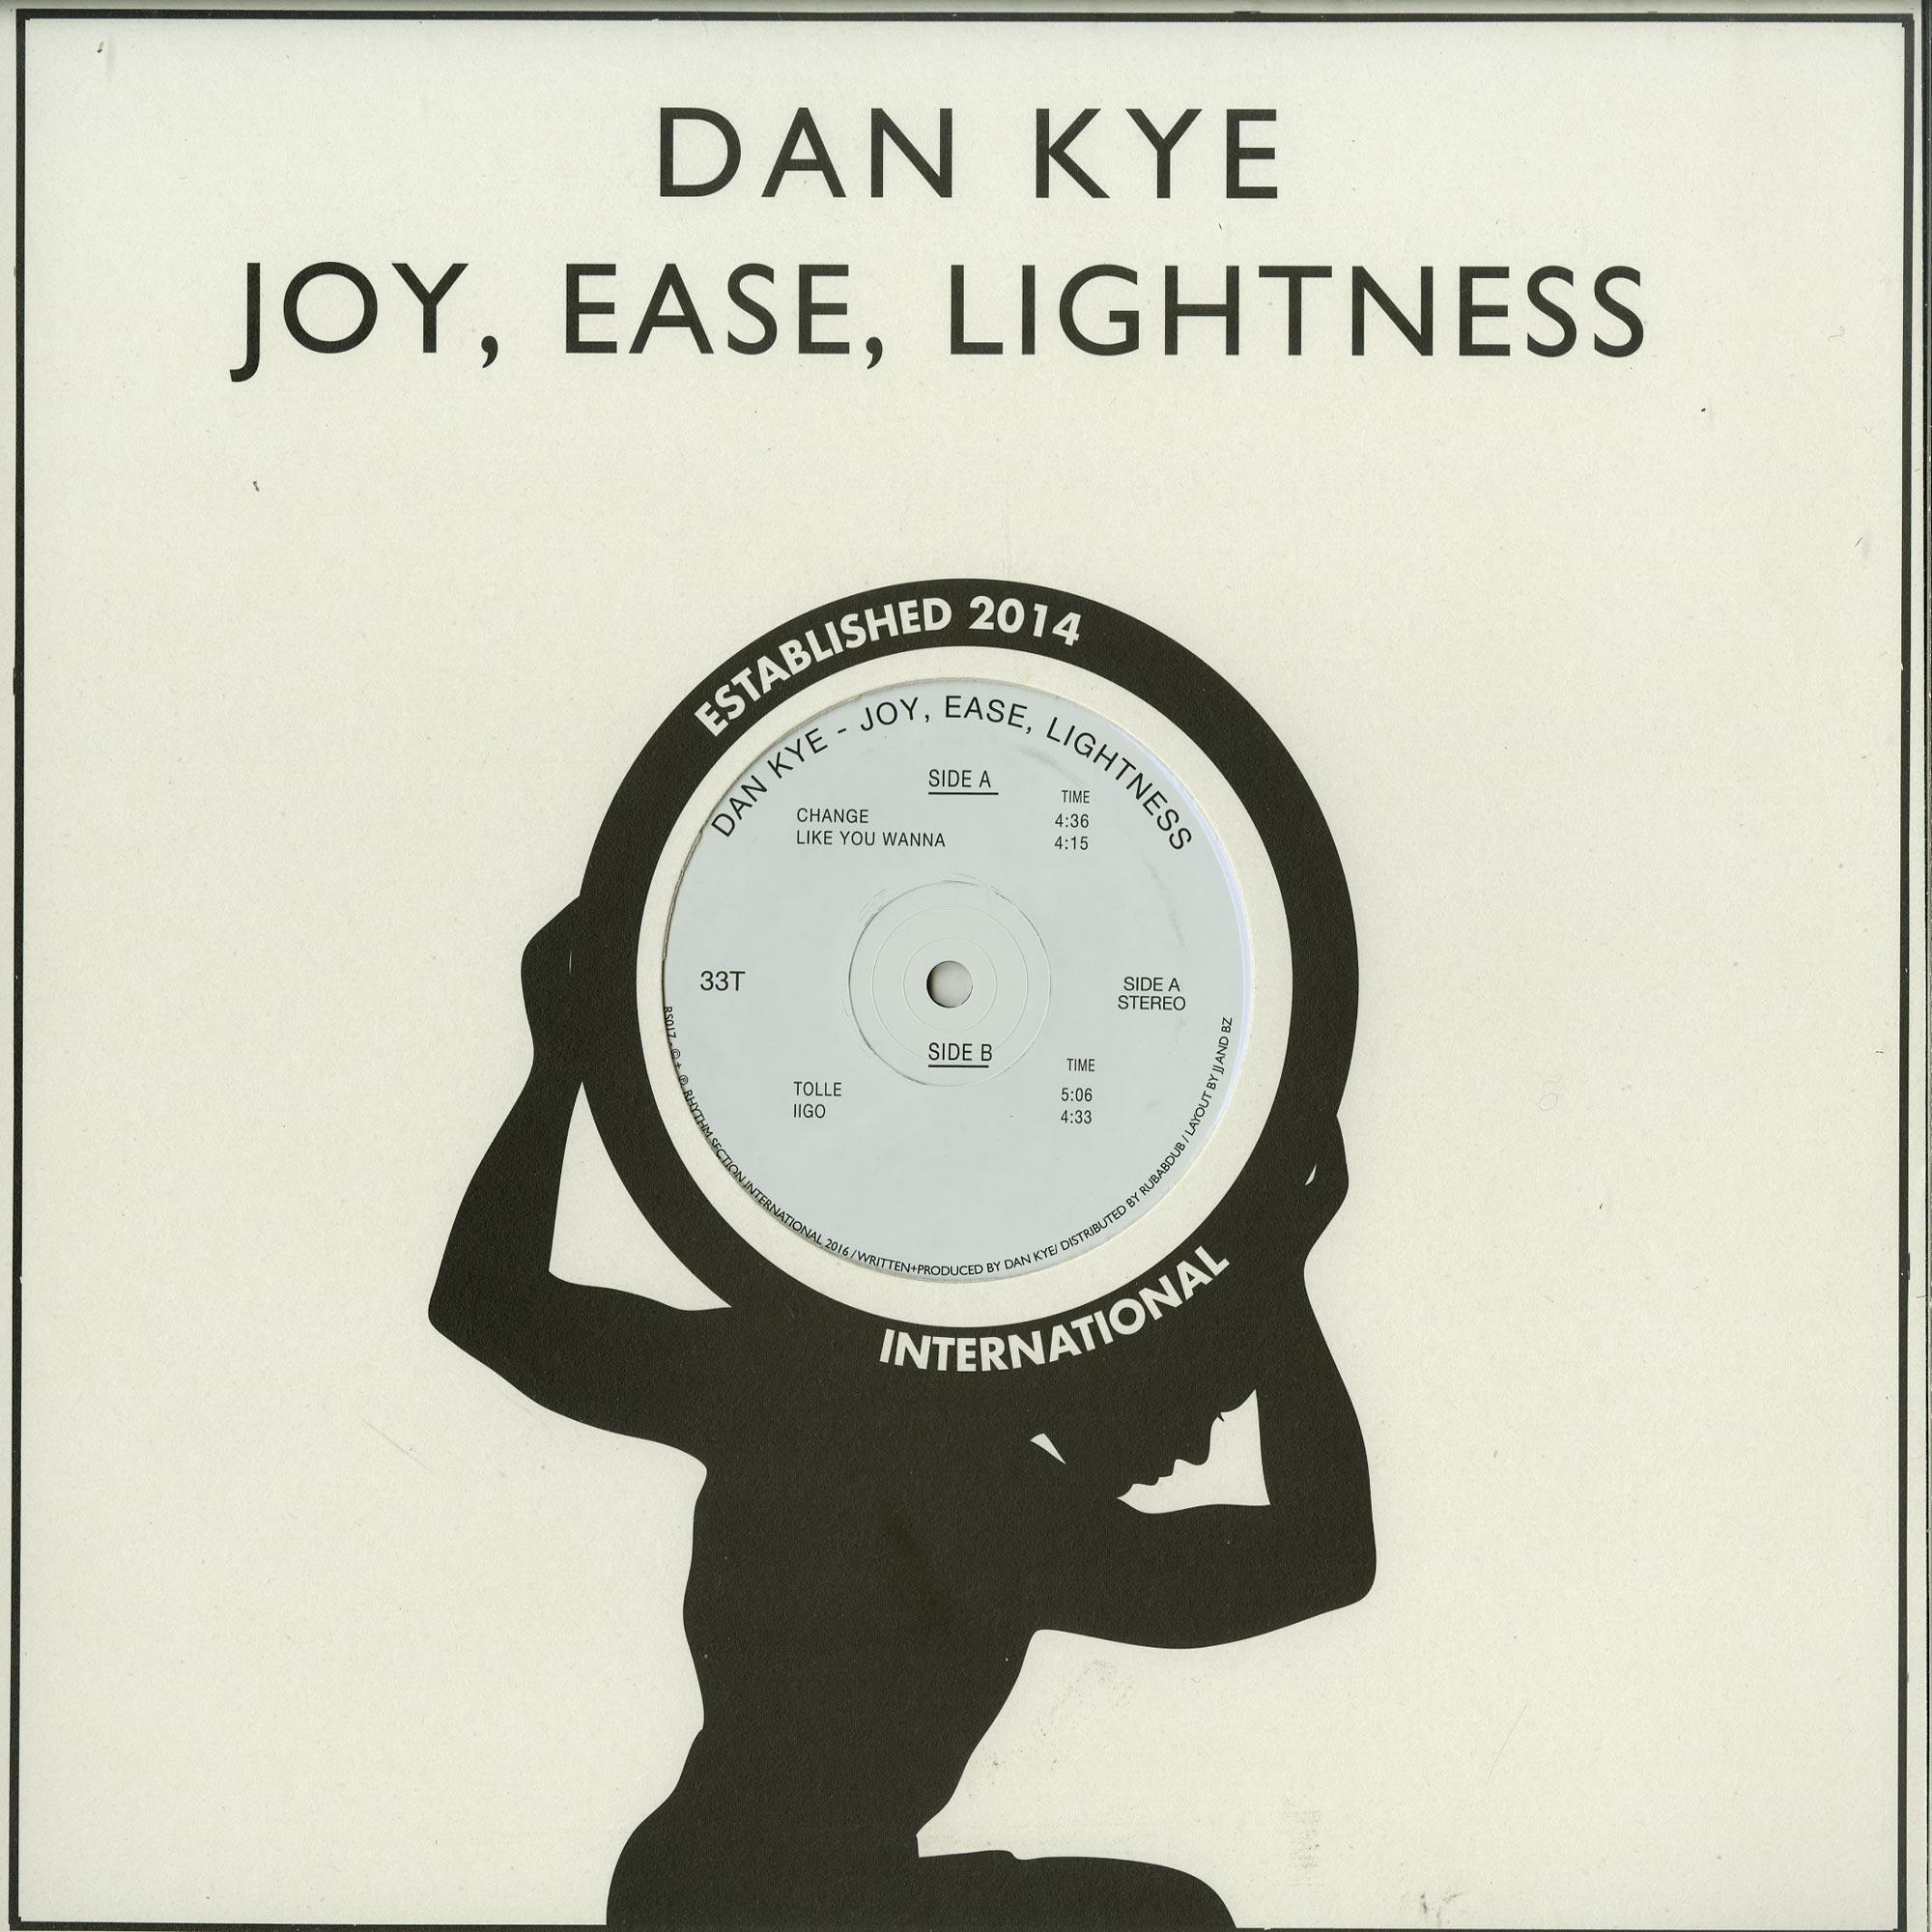 Dan Kye - JOY, ERASE, LIGHTNESS